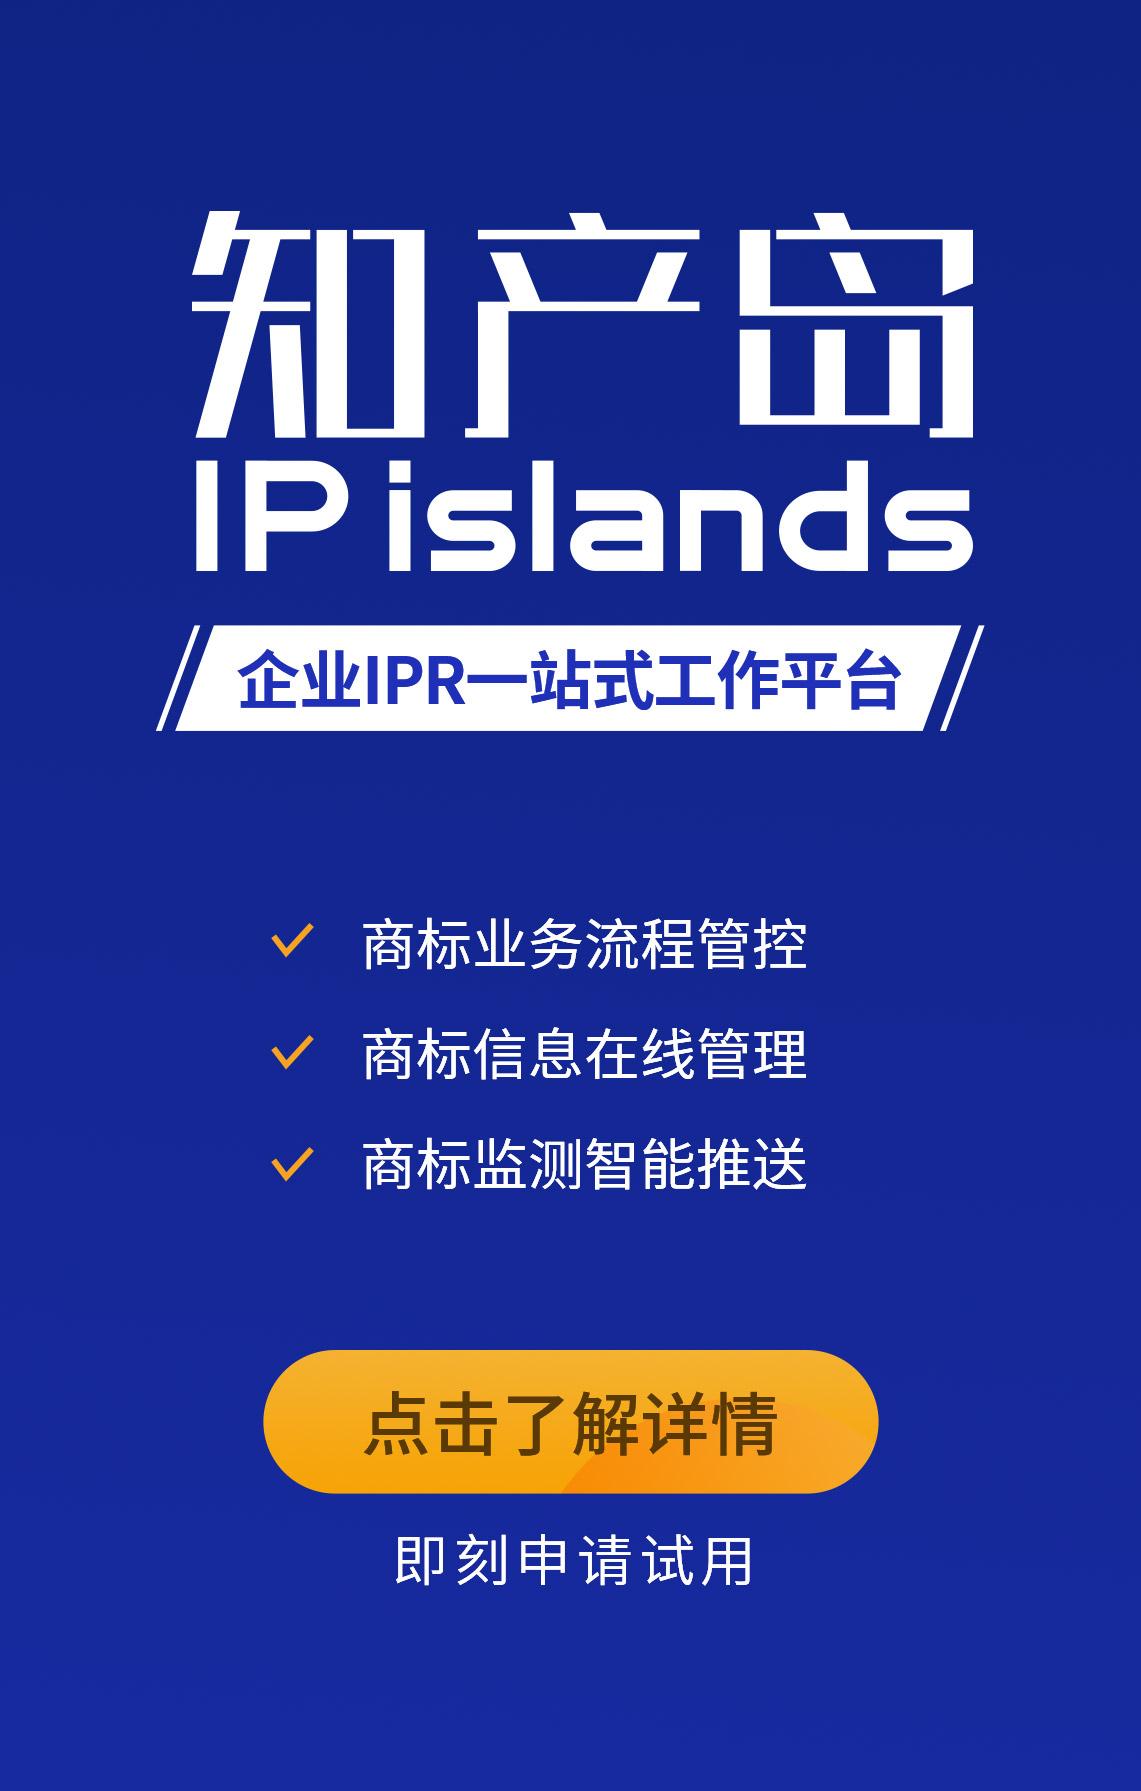 知产岛,助力企业商标一站式信息化管理!